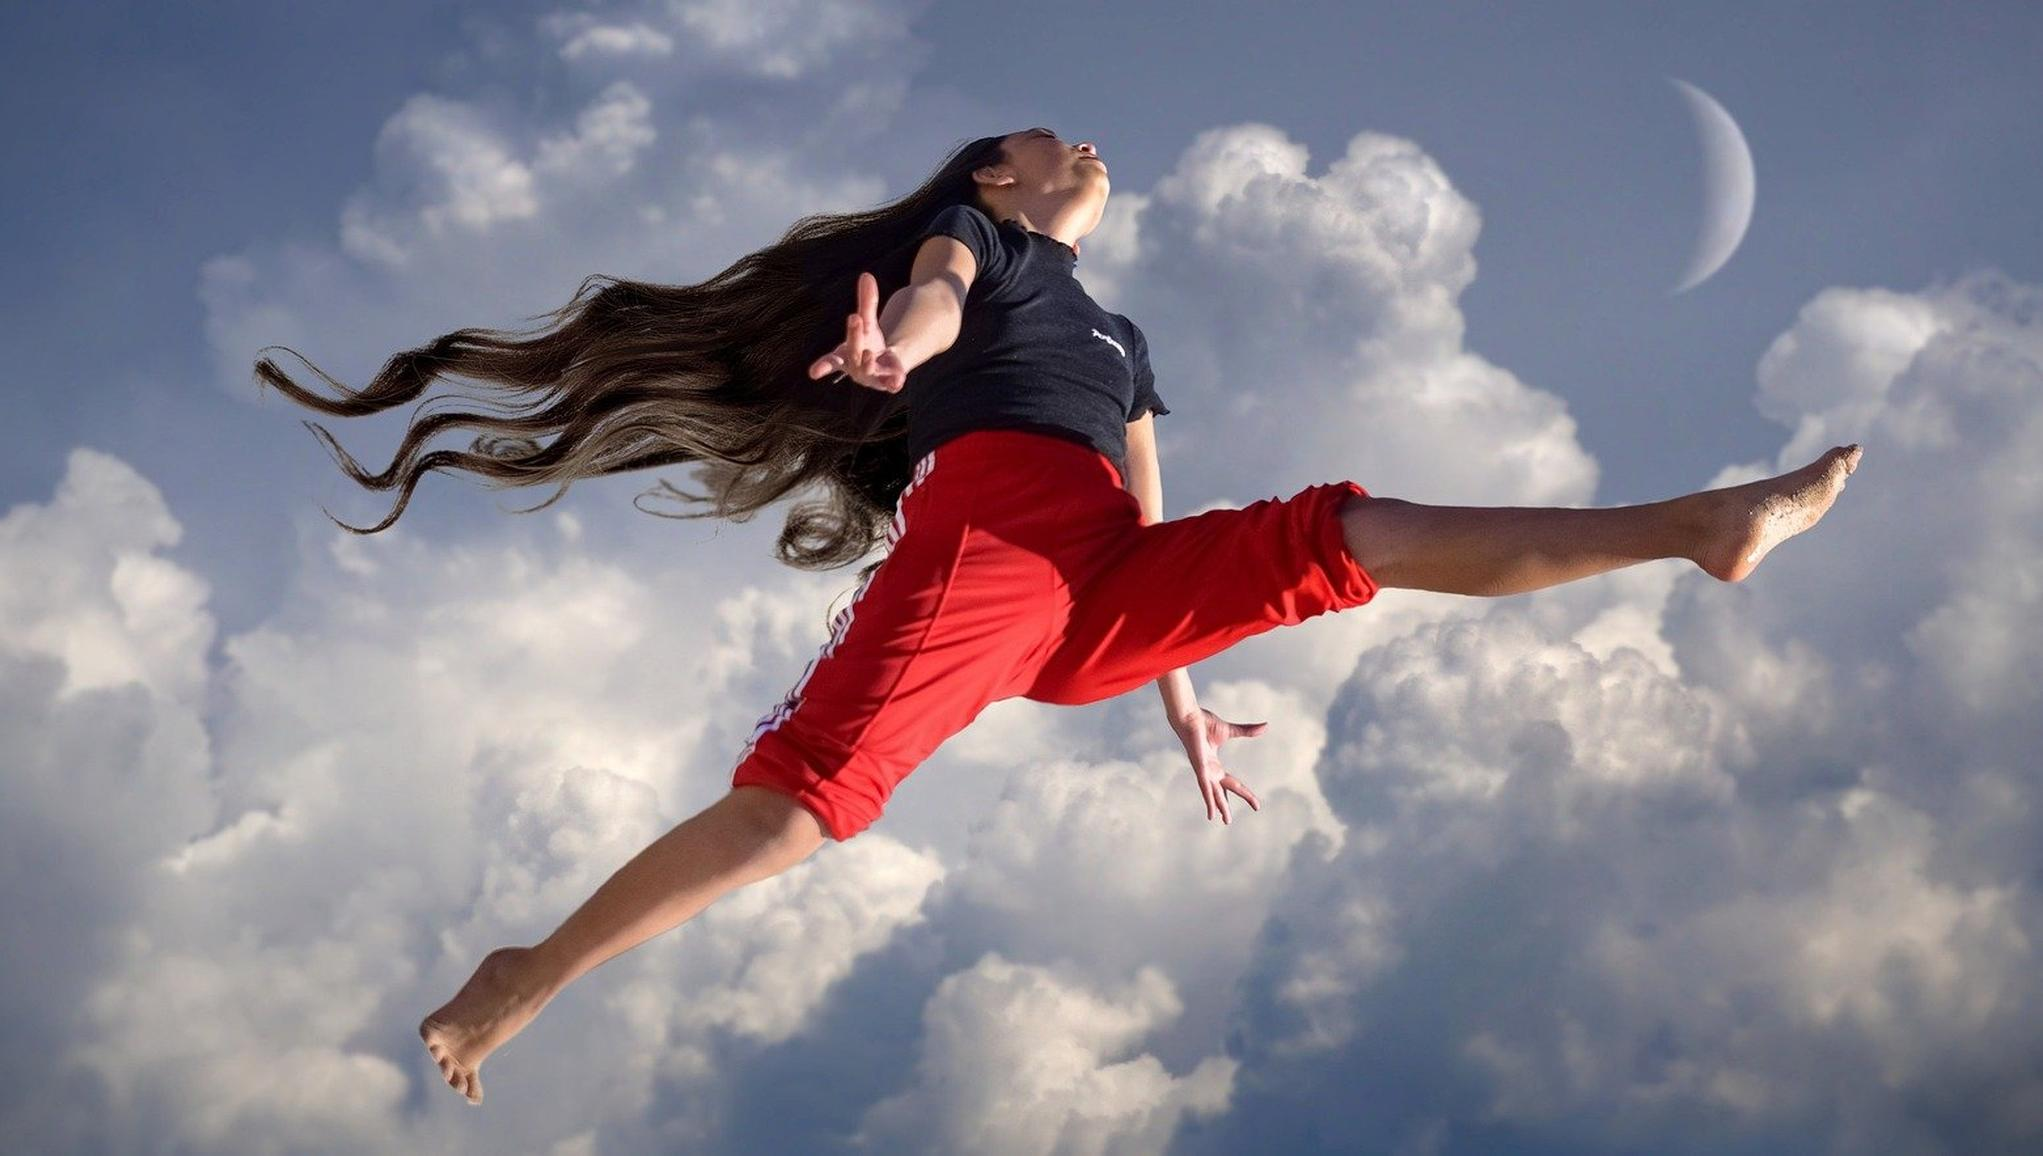 Афиша на 12-14 июня: День России, гастрономический фестиваль и спортивные праздники - новости Афанасий